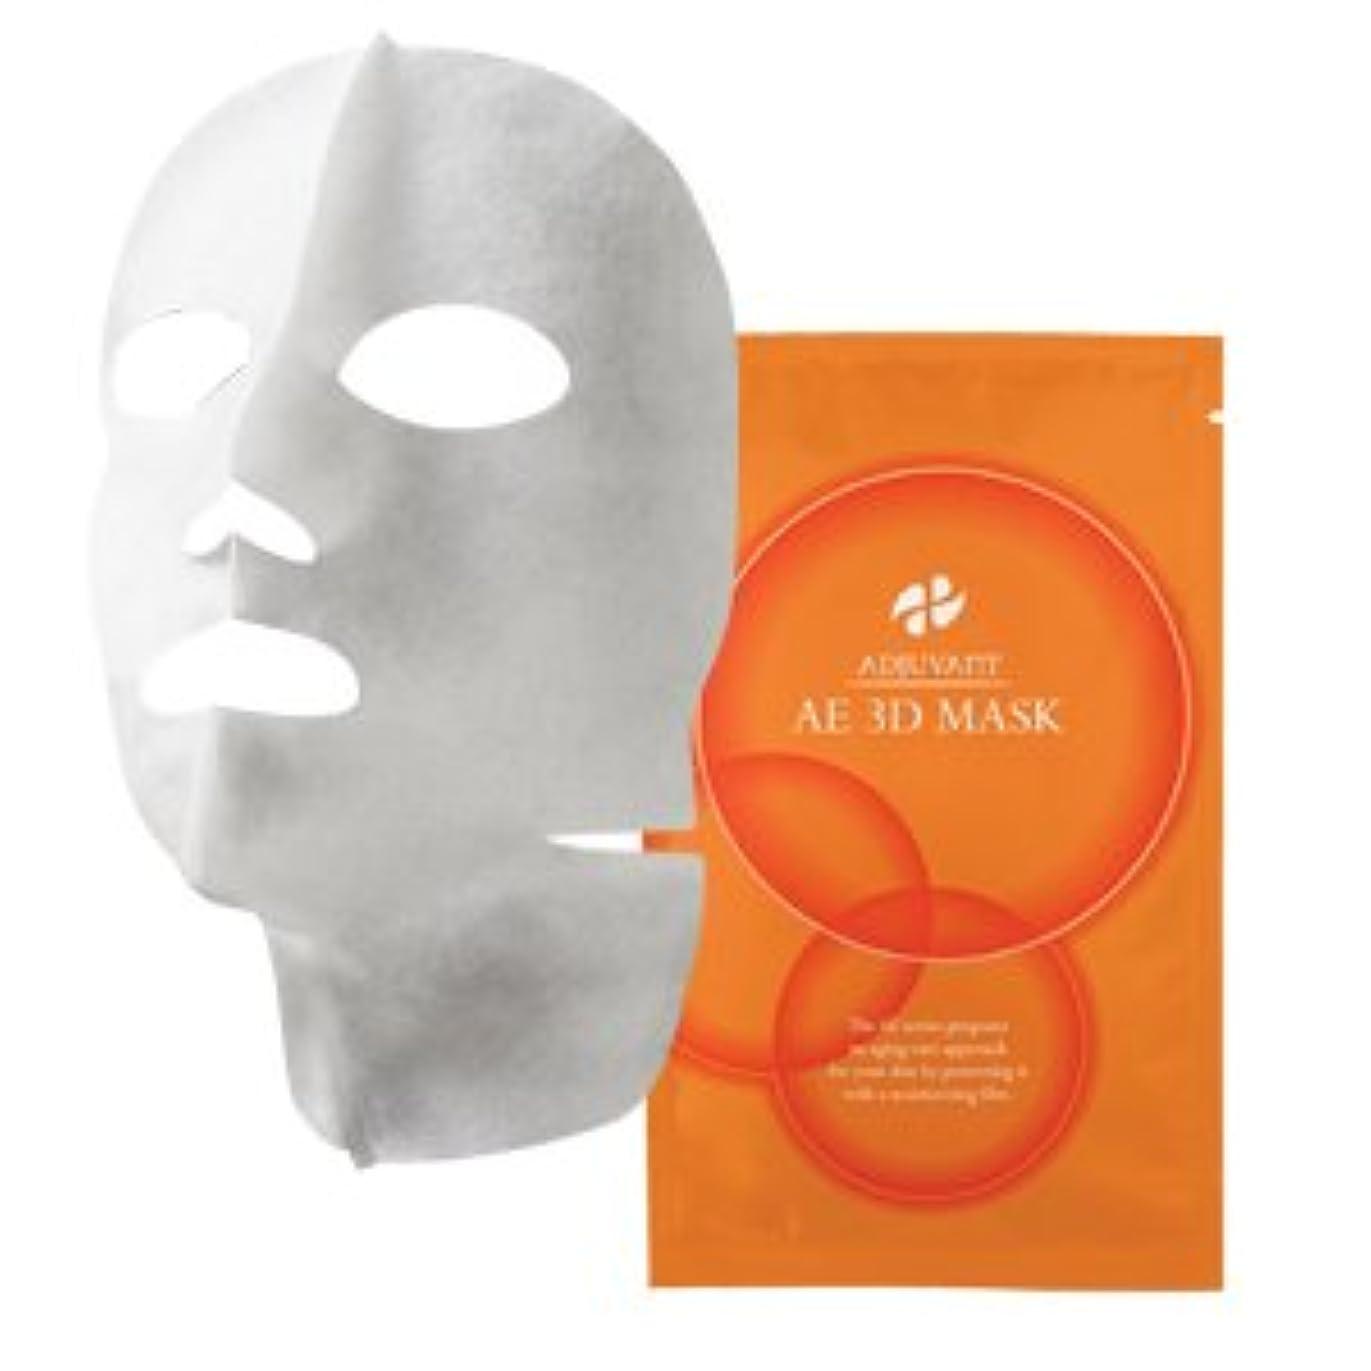 入場破裂応じるアジュバン AE 3Dマスク 35ml×6枚入り<マスク>